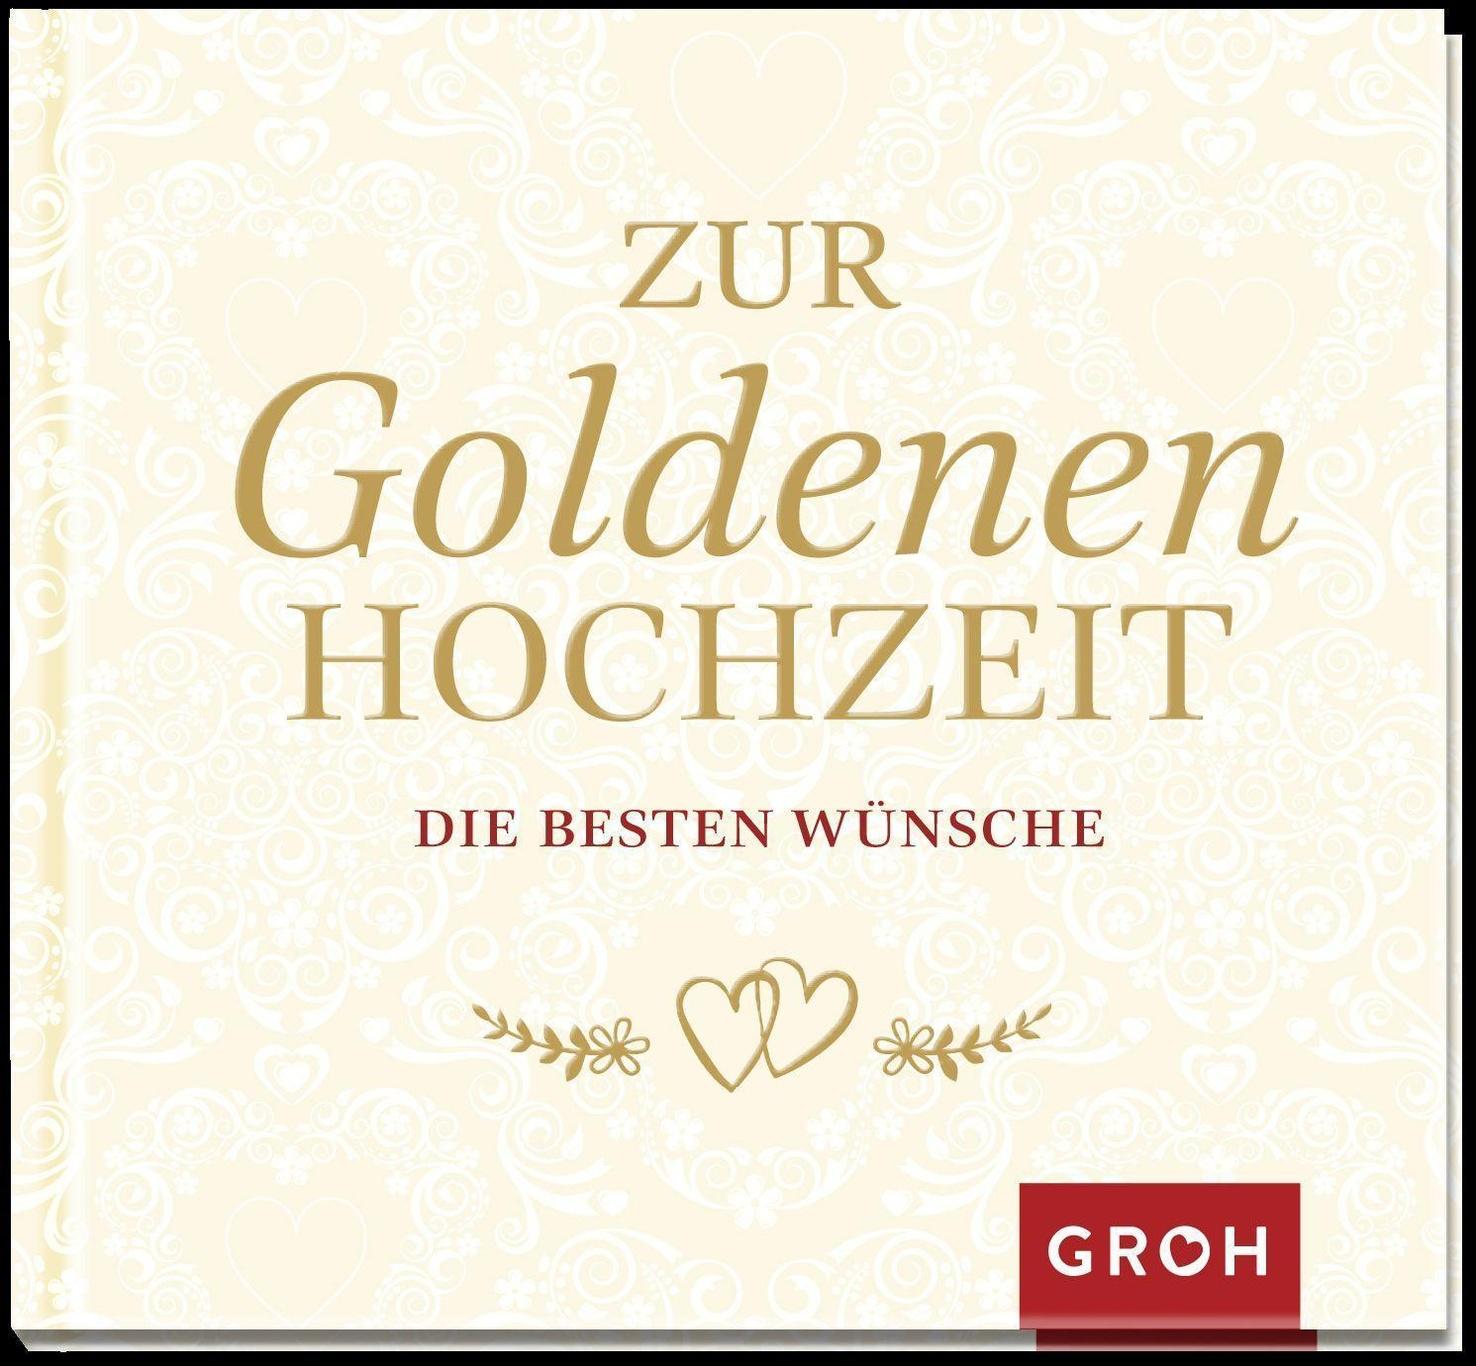 Hochzeit glückwünsche goldenen zur Glückwünsche, Sprüche